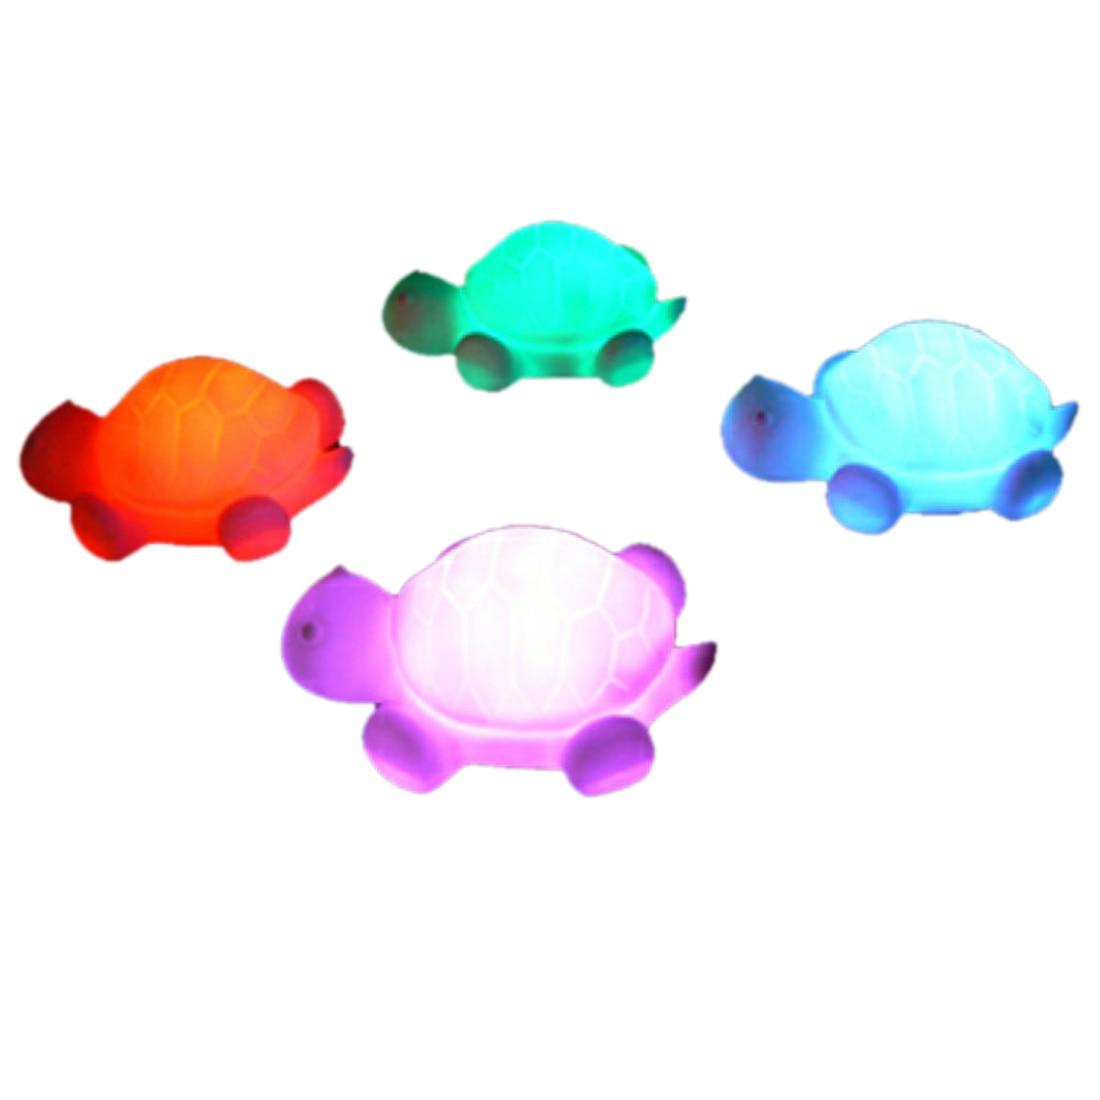 1 Stücke New Schildkröte Led 7 Farben Nachtlicht Lampe Weihnachtsdekoration Bunte